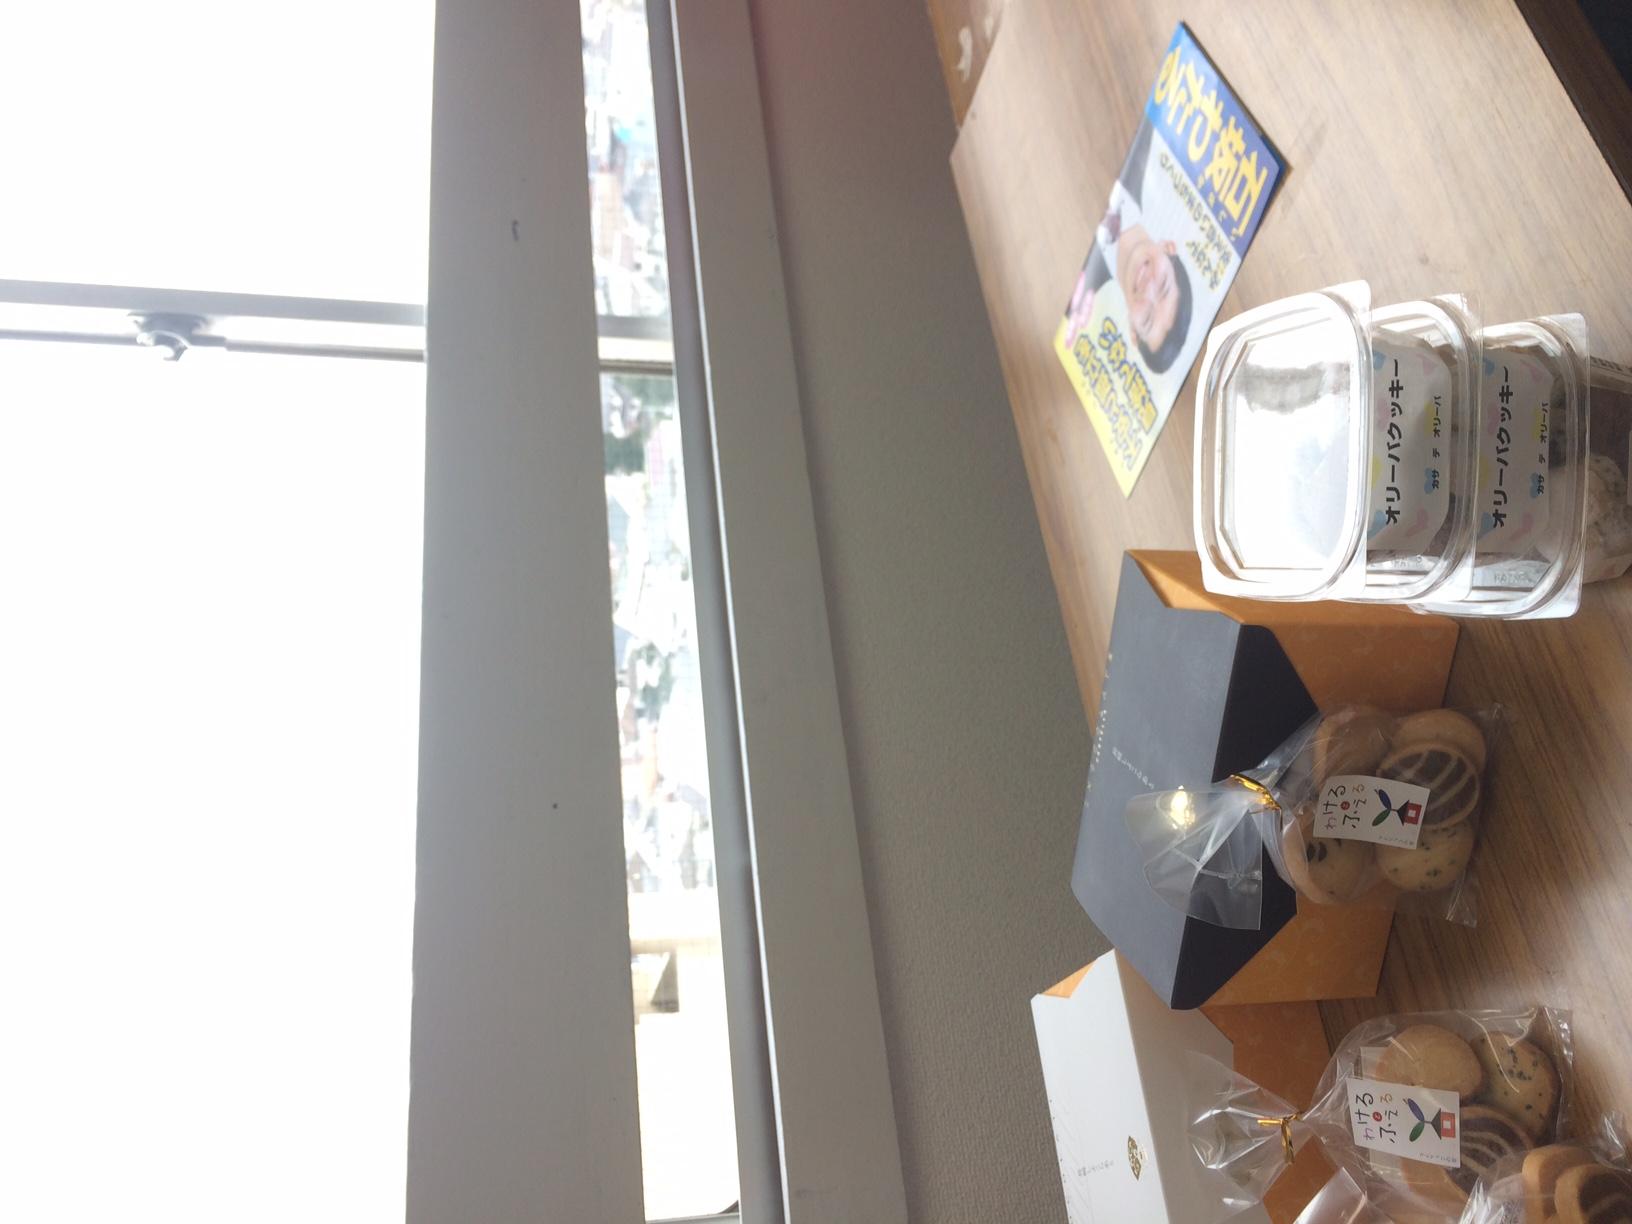 本日の石坂わたるの事務所急ピッチで準備進んでいます_f0121982_1323649.jpg